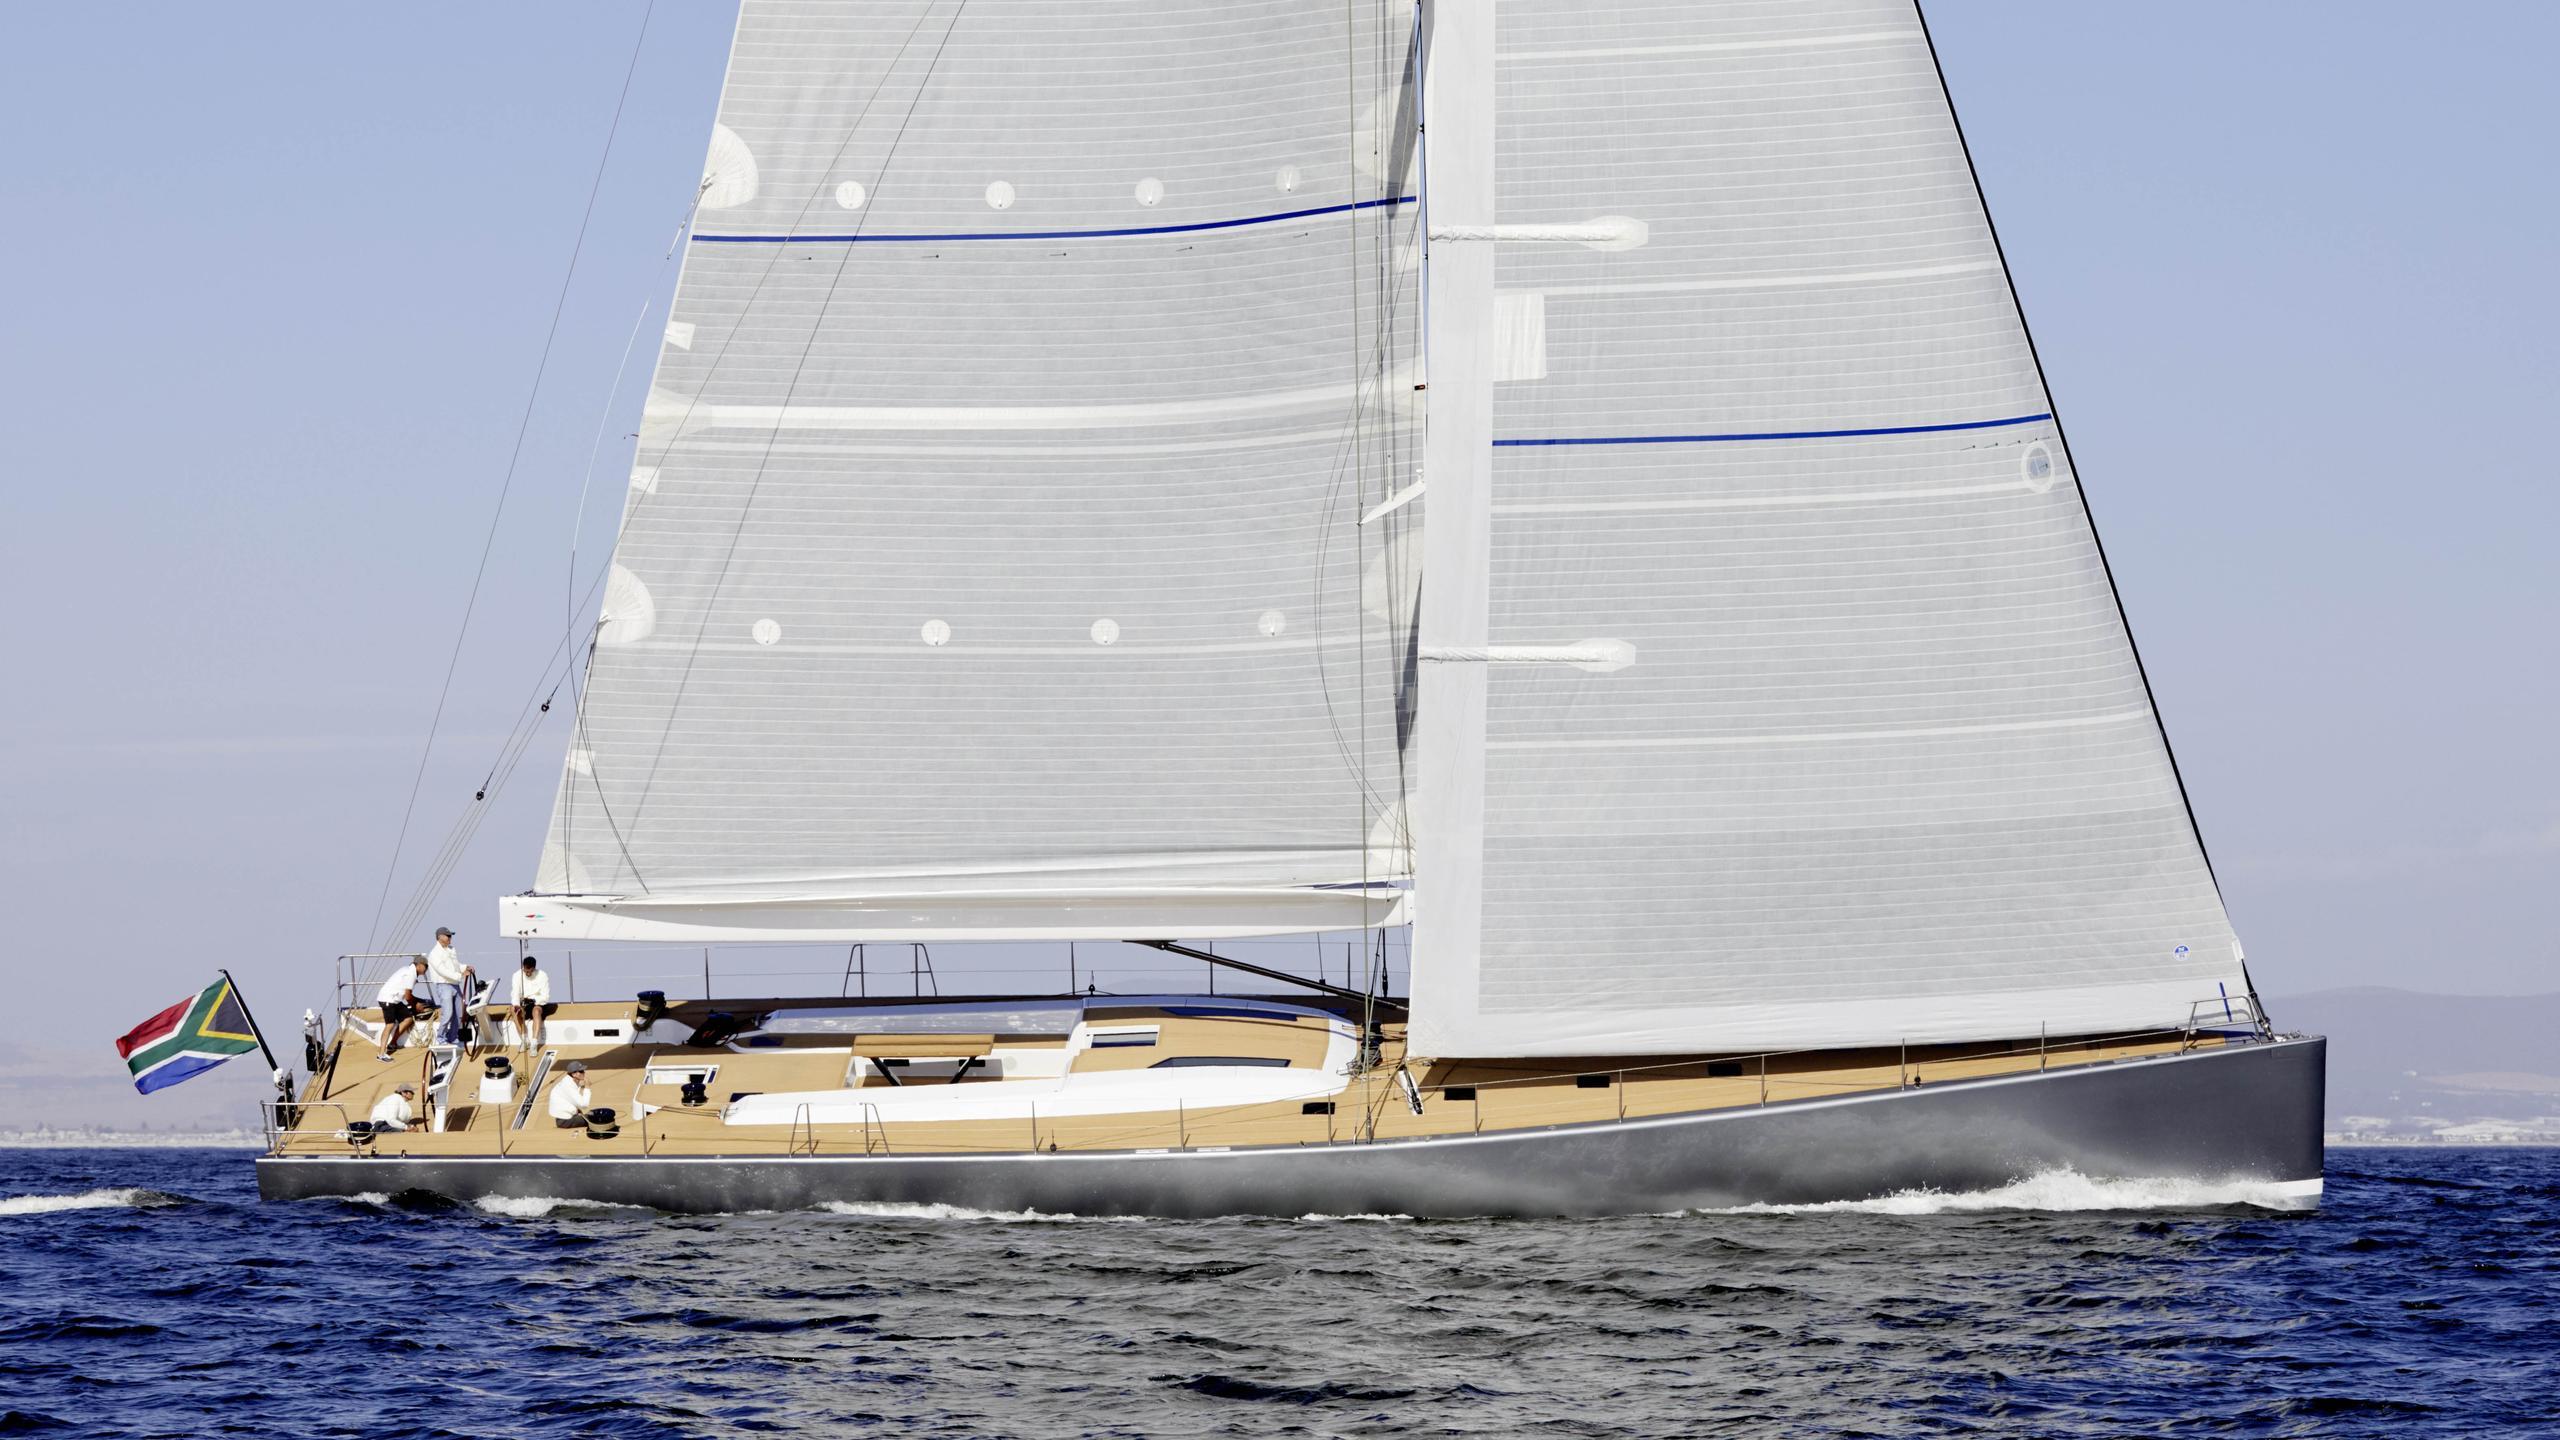 allsmoke sailing yacht southern wind shipyard swrp90 2017 27m profile